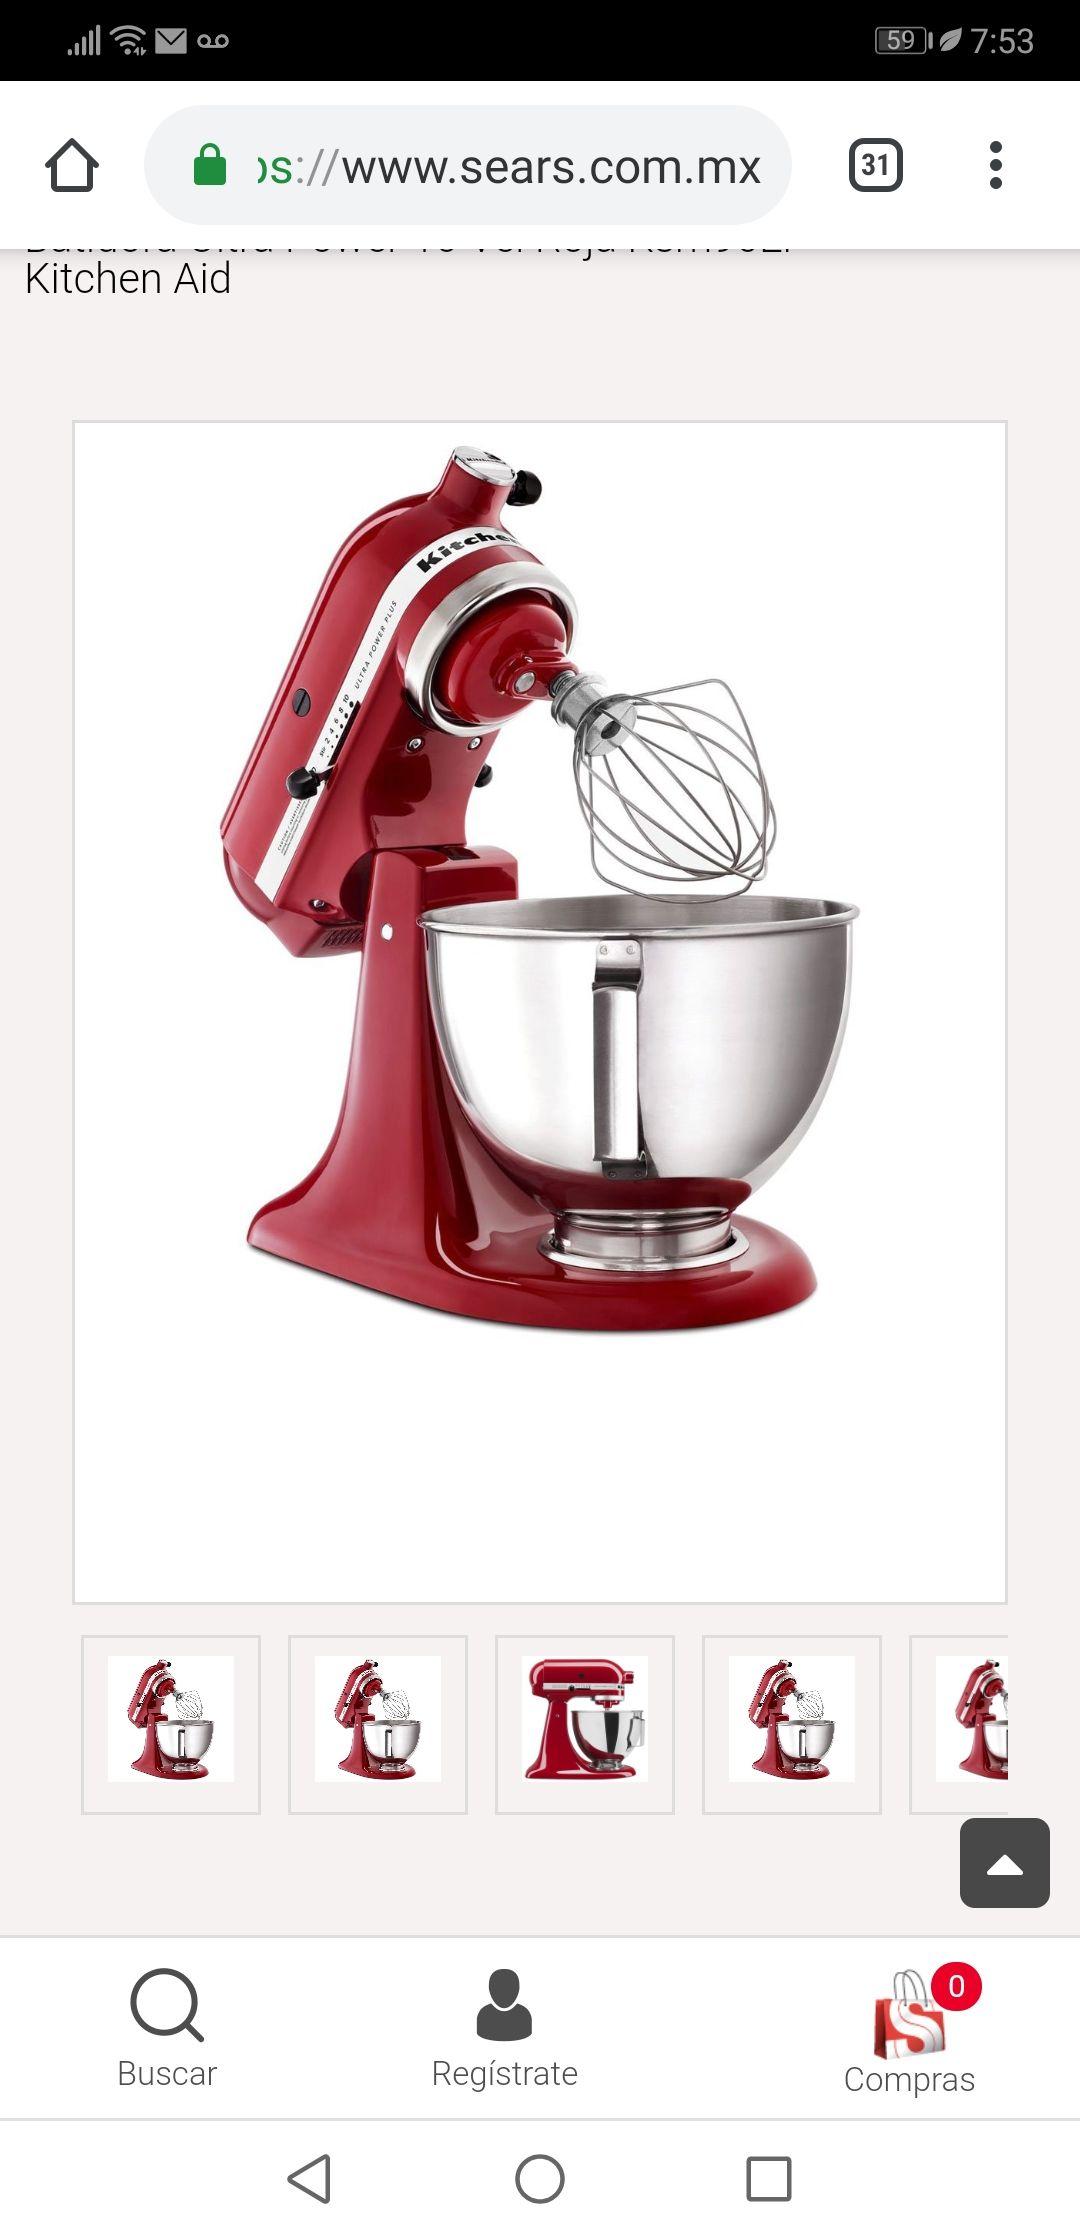 Sears batidora kitchenaid ultra power plus roja de 4.2l